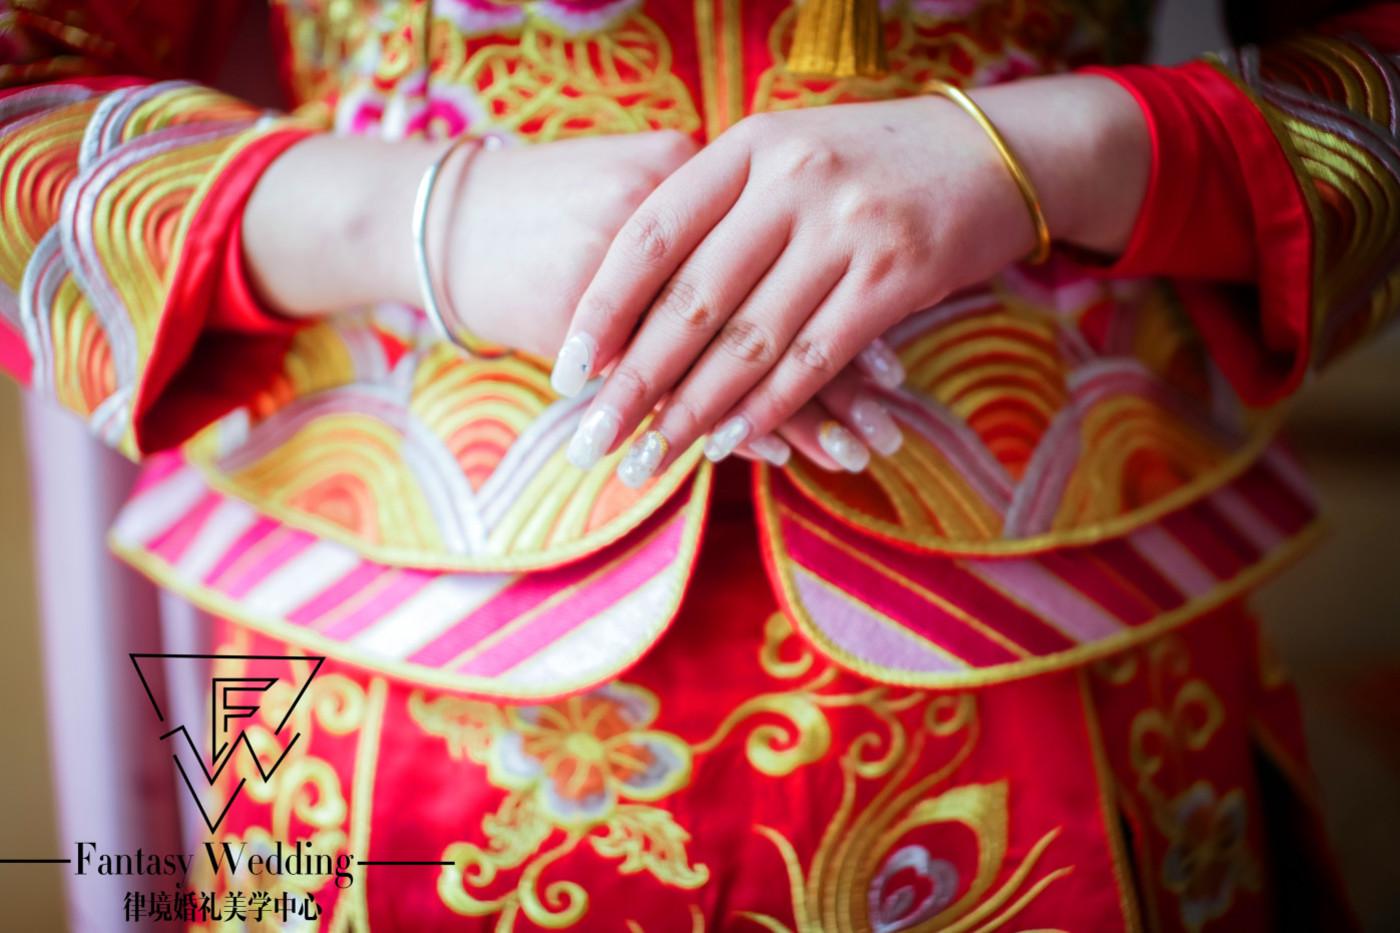 「律境婚礼」&G R 白金汉爵3